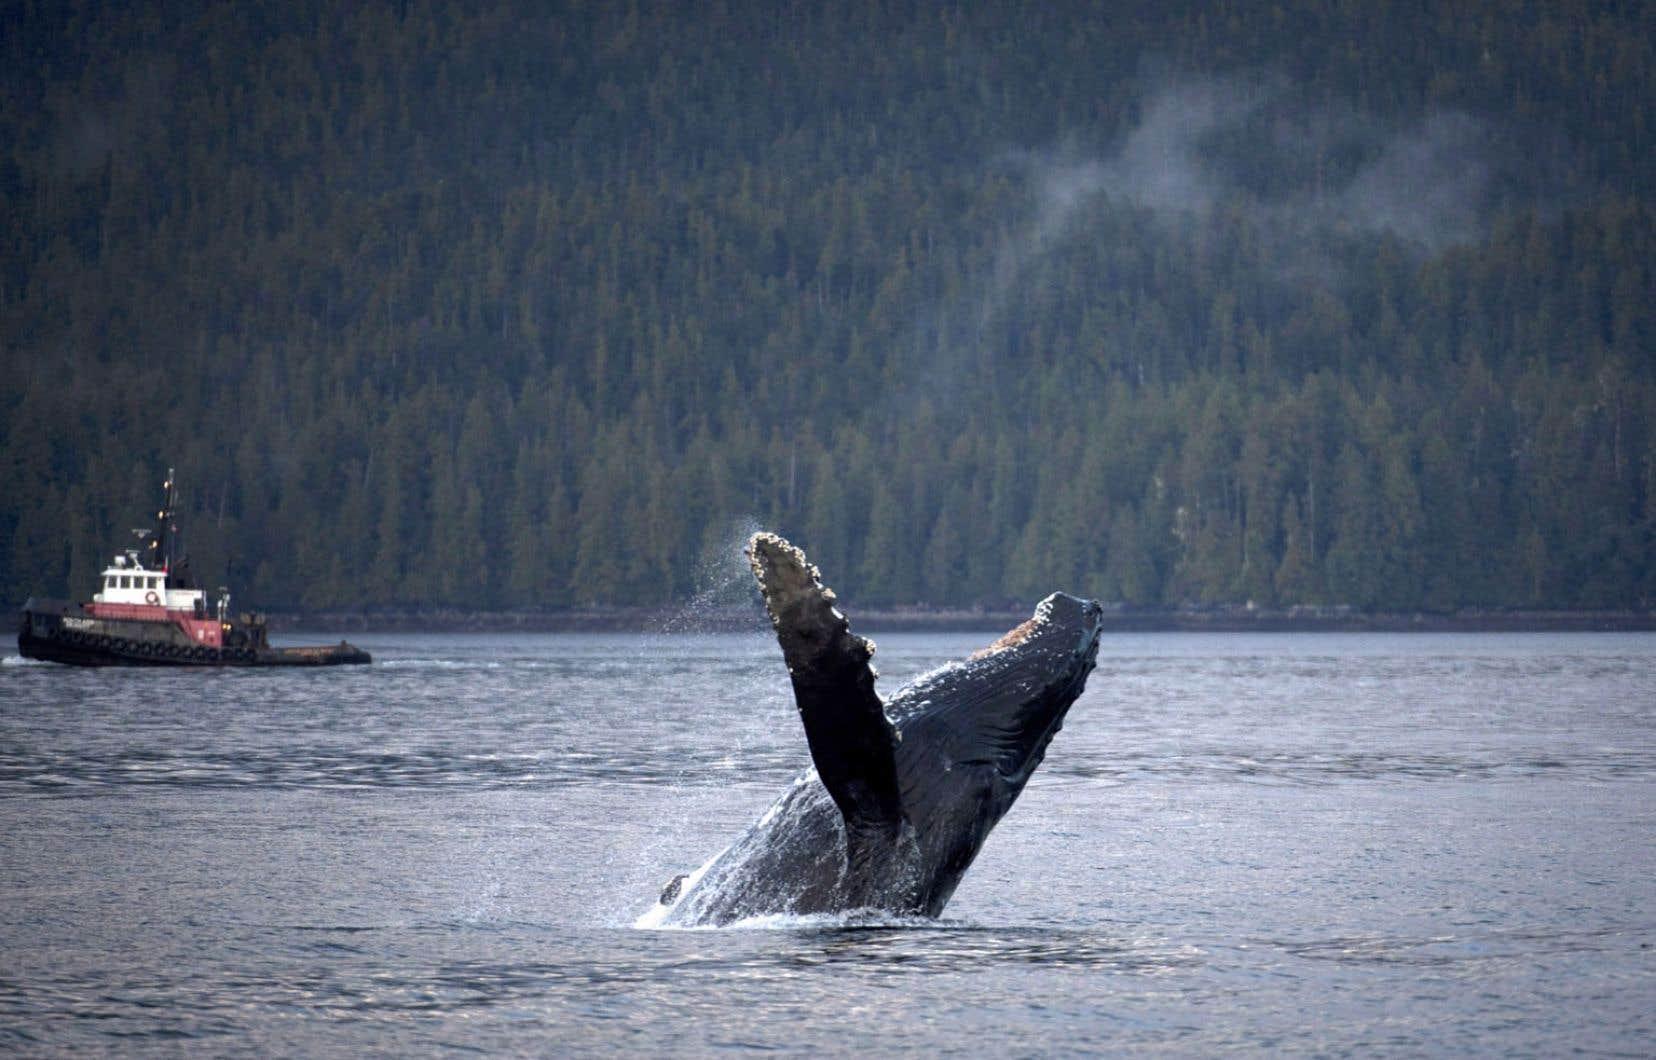 Une baleine à bosse nageant dans les eaux donnant accès à Kitimat, en Colombie-Britannique, où s'amarreront les pétroliers qui transporteront le pétrole albertain.